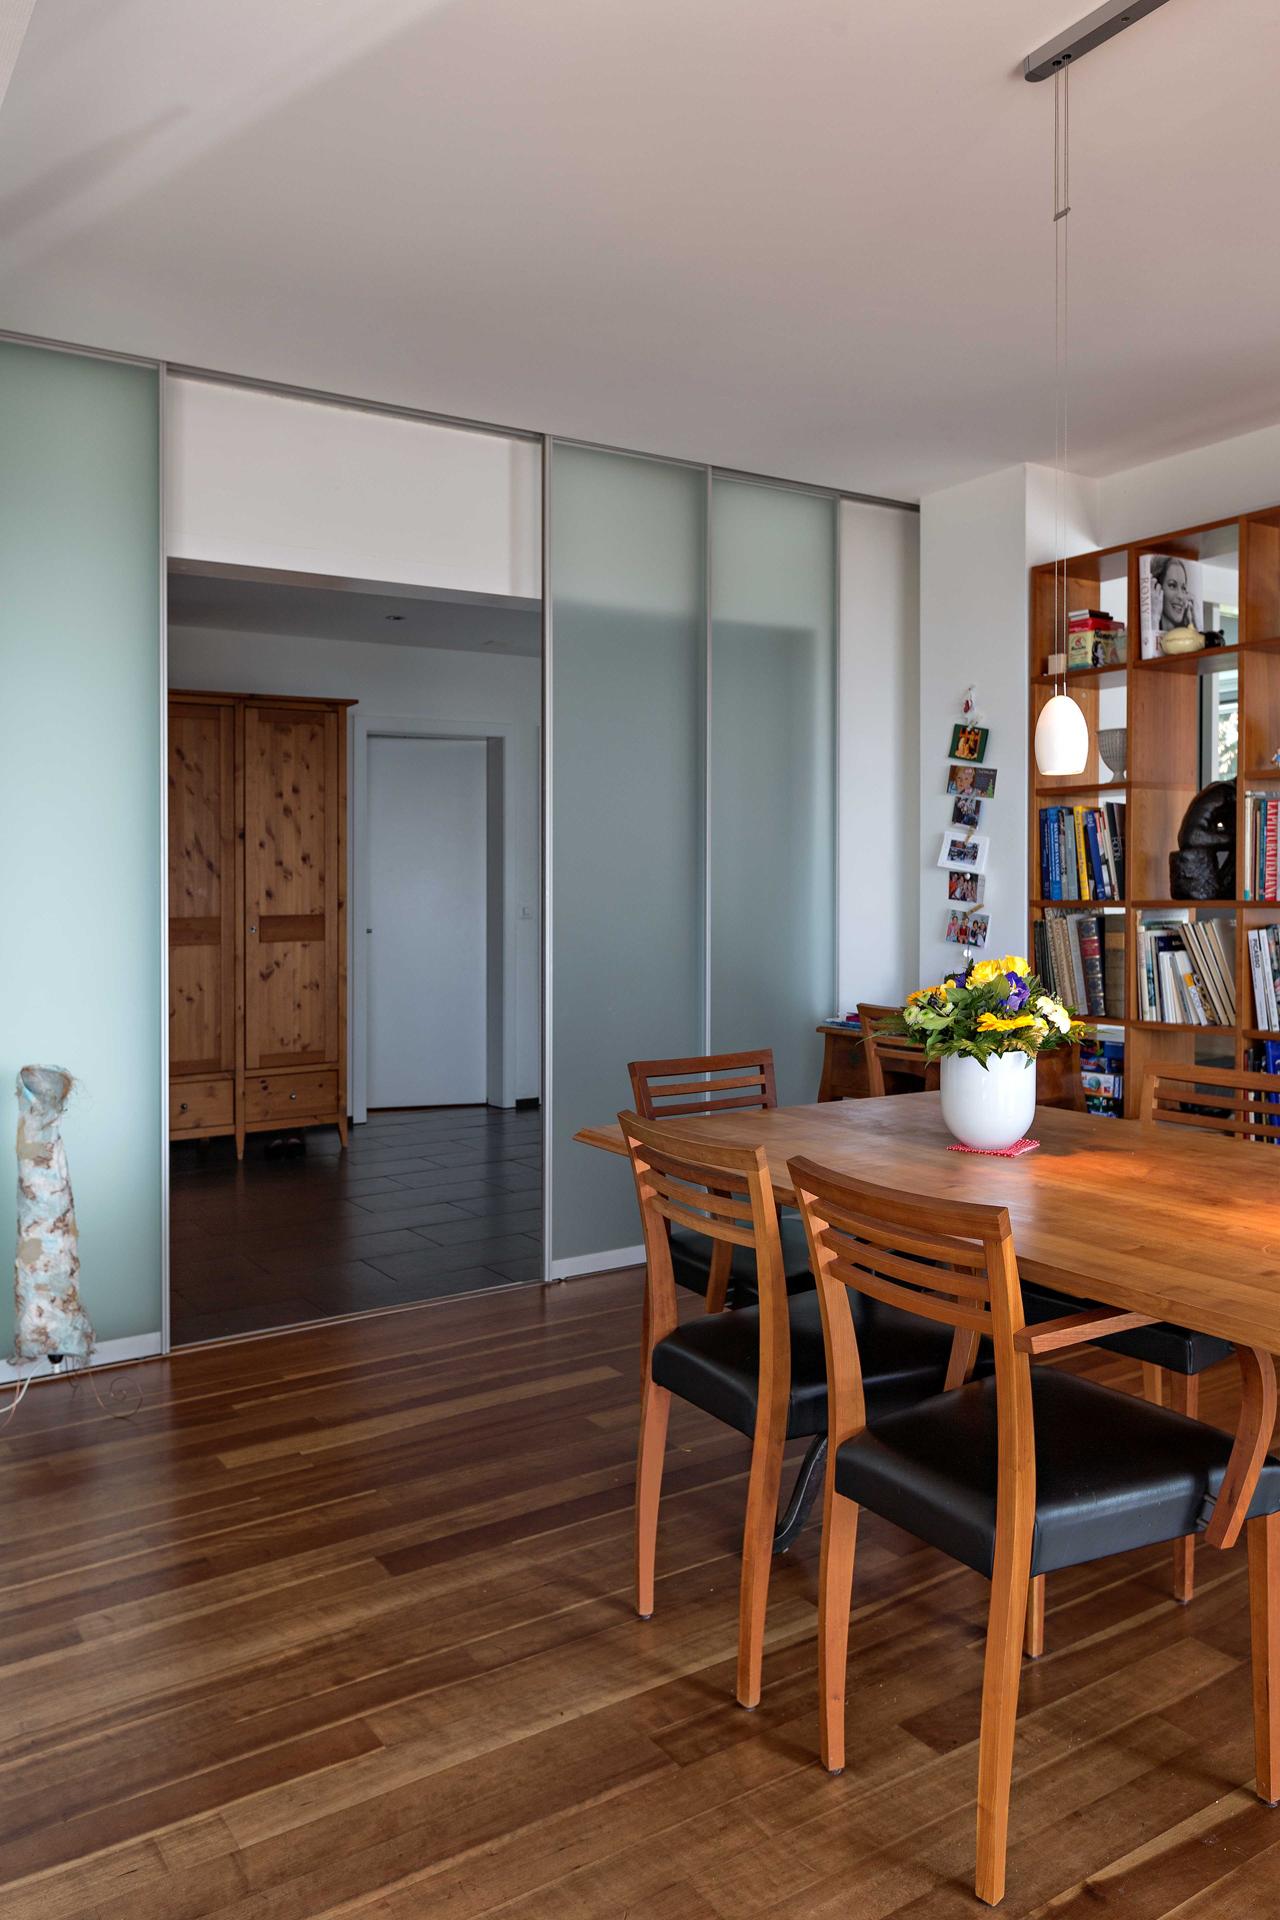 raumteiler aus vier schiebet ren in glas zwischen flur und. Black Bedroom Furniture Sets. Home Design Ideas